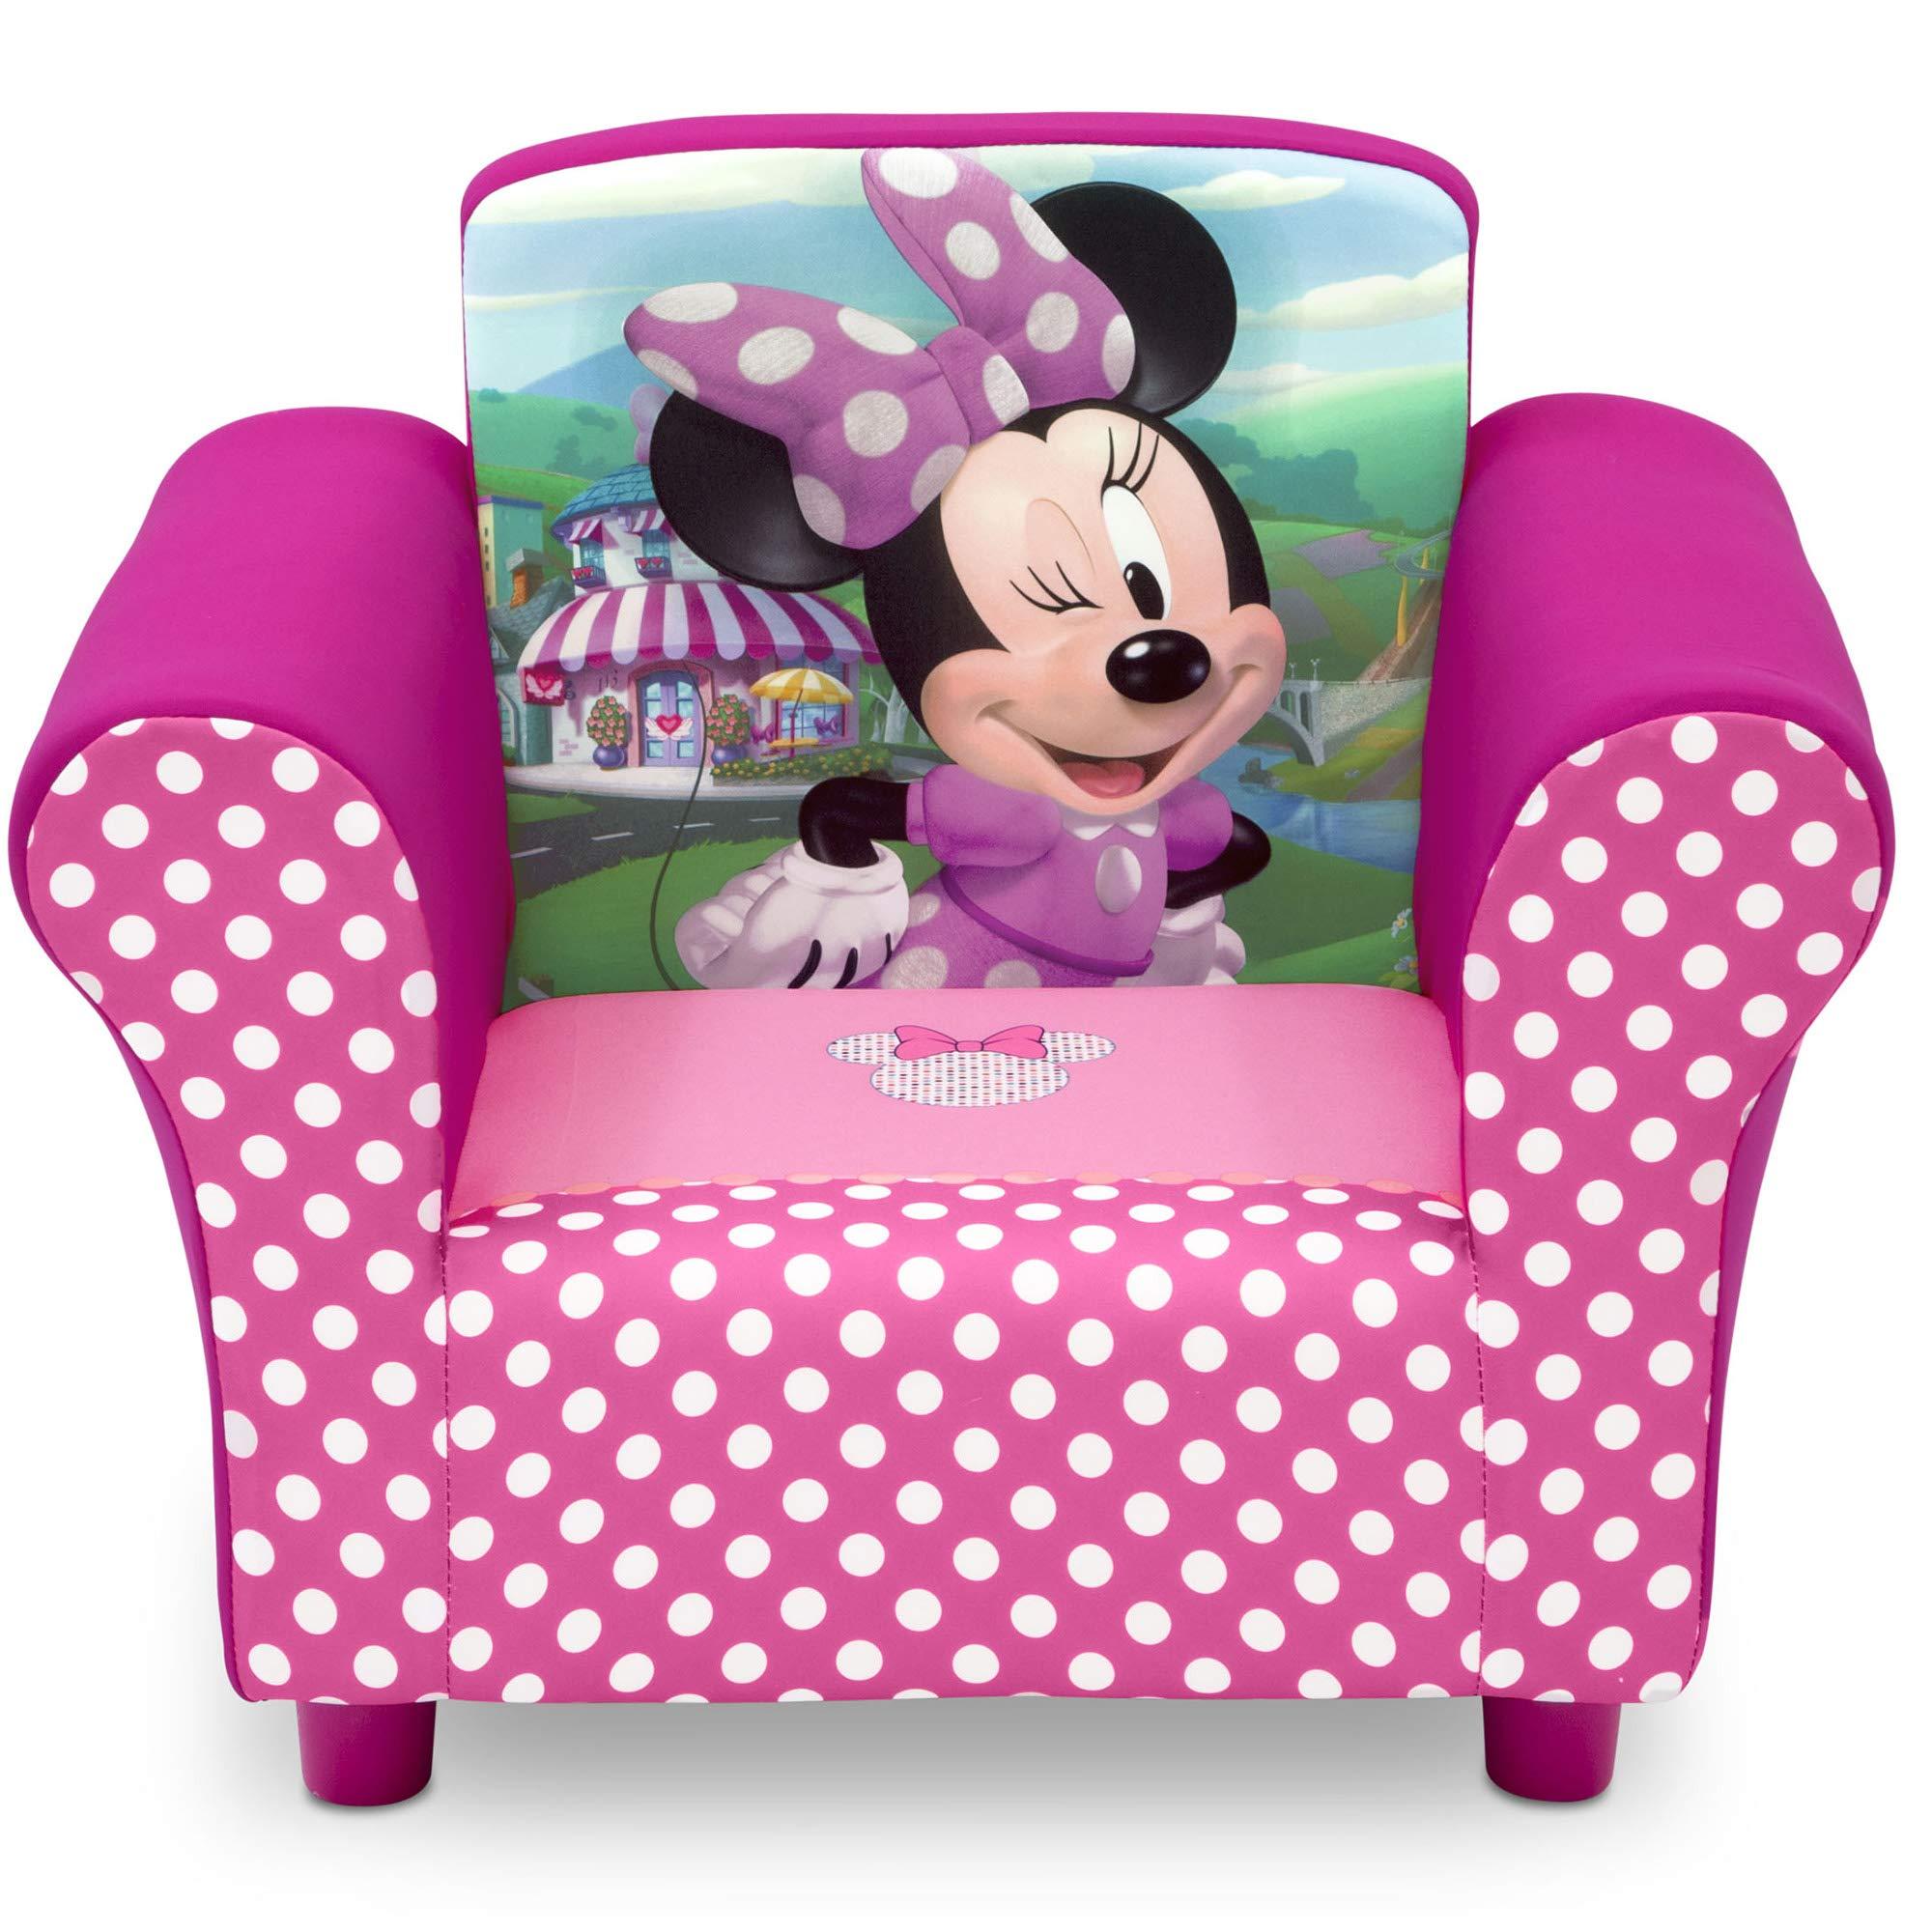 Delta Children Disney Minnie Mouse Upholstered Chair by Delta Children